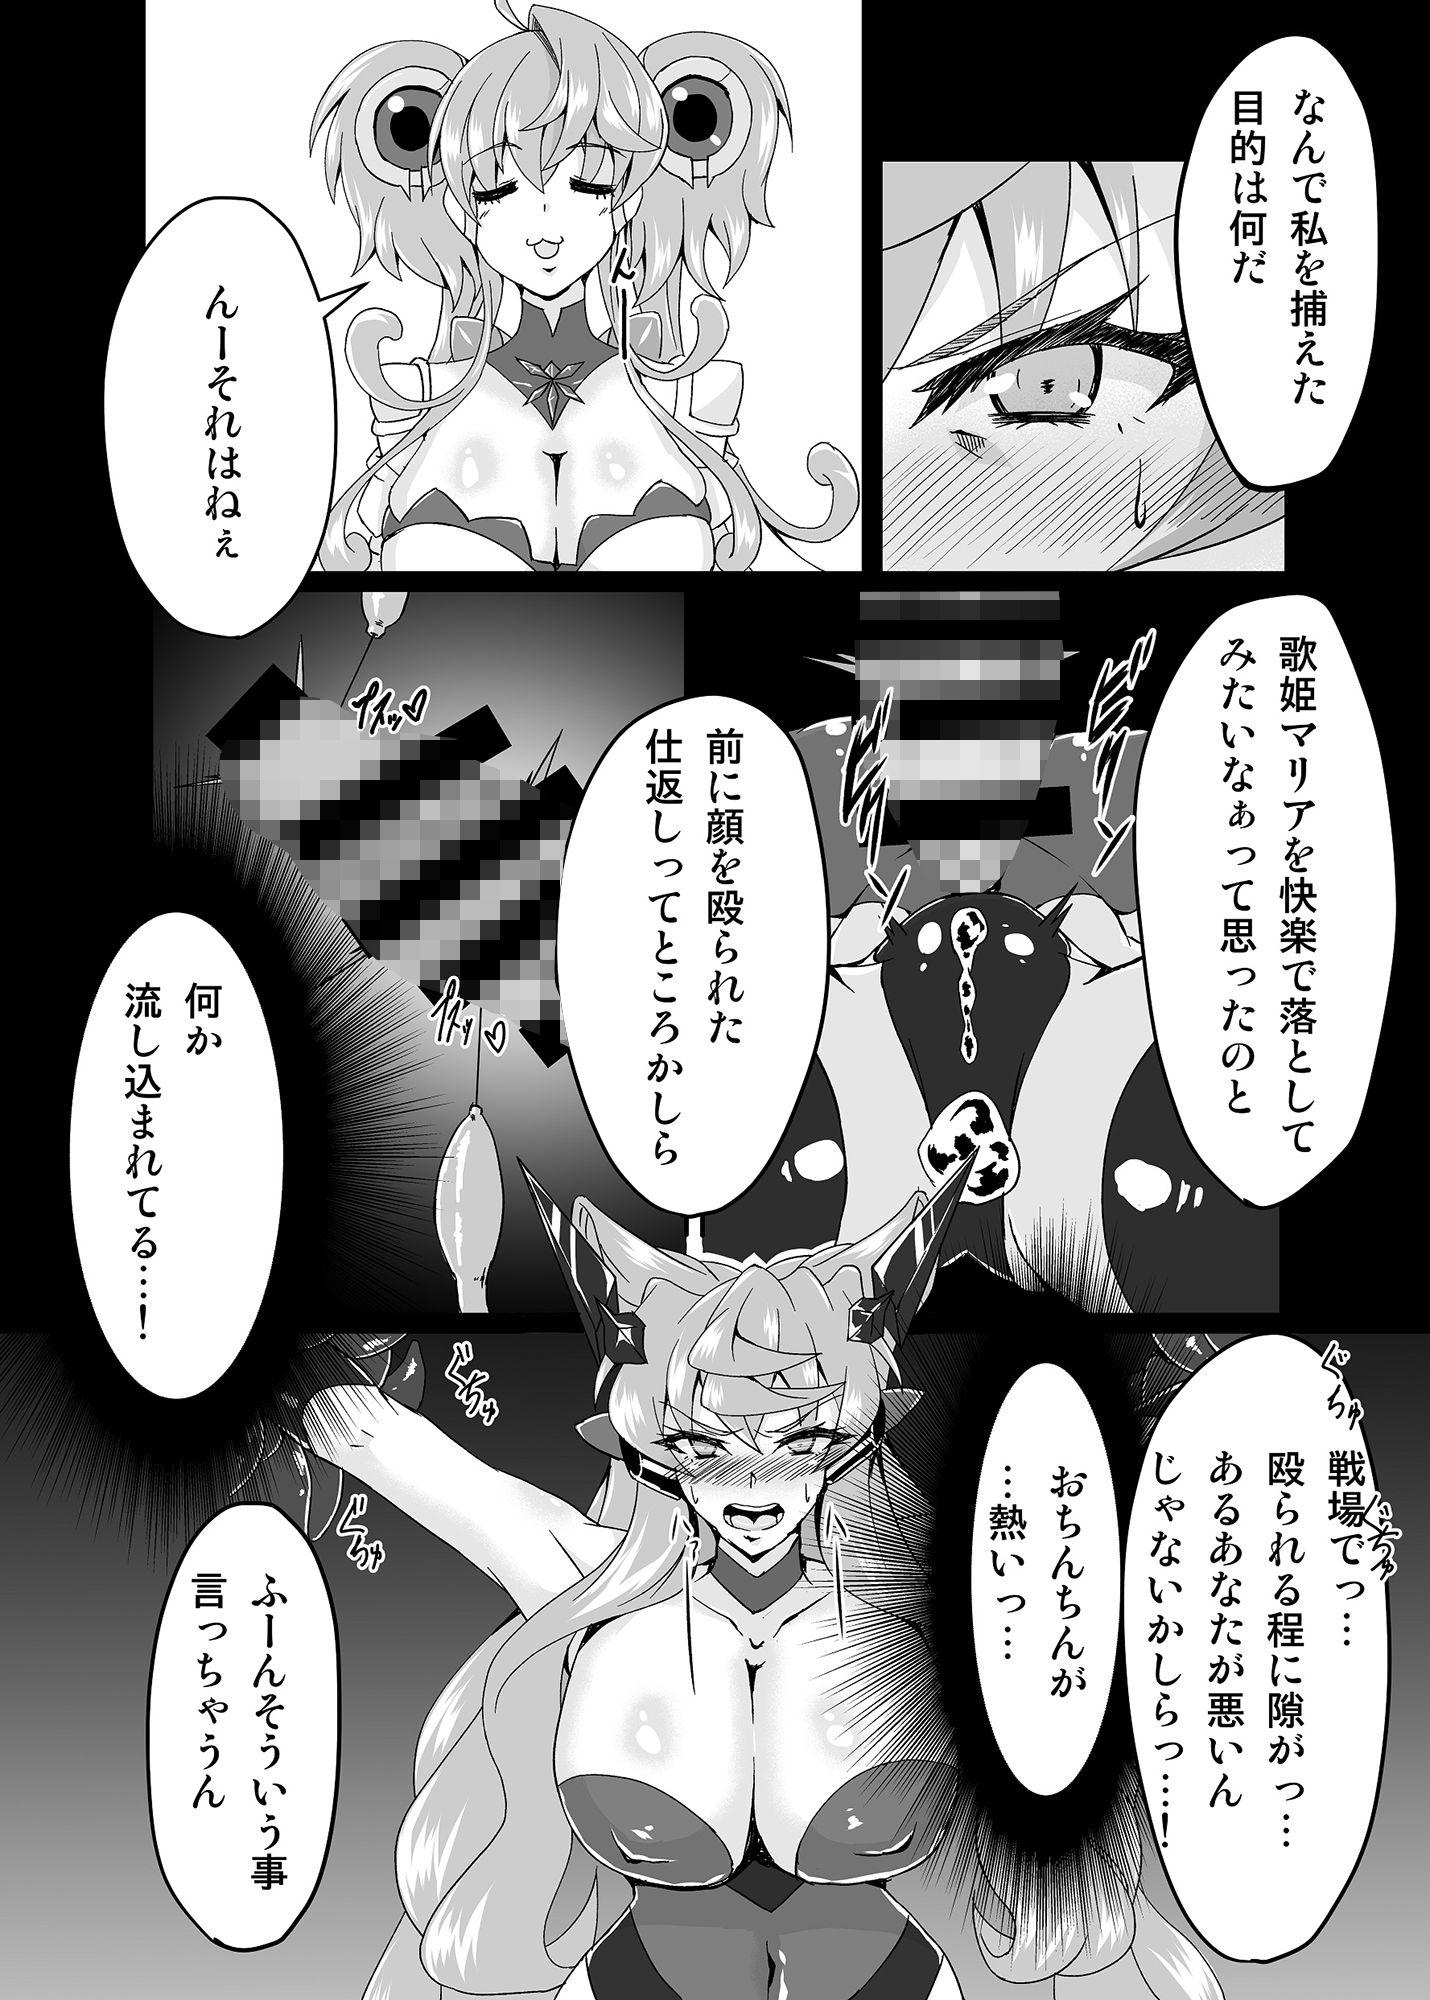 サンプル画像4:マリカリ大触手(第三新世界) [d_188351]